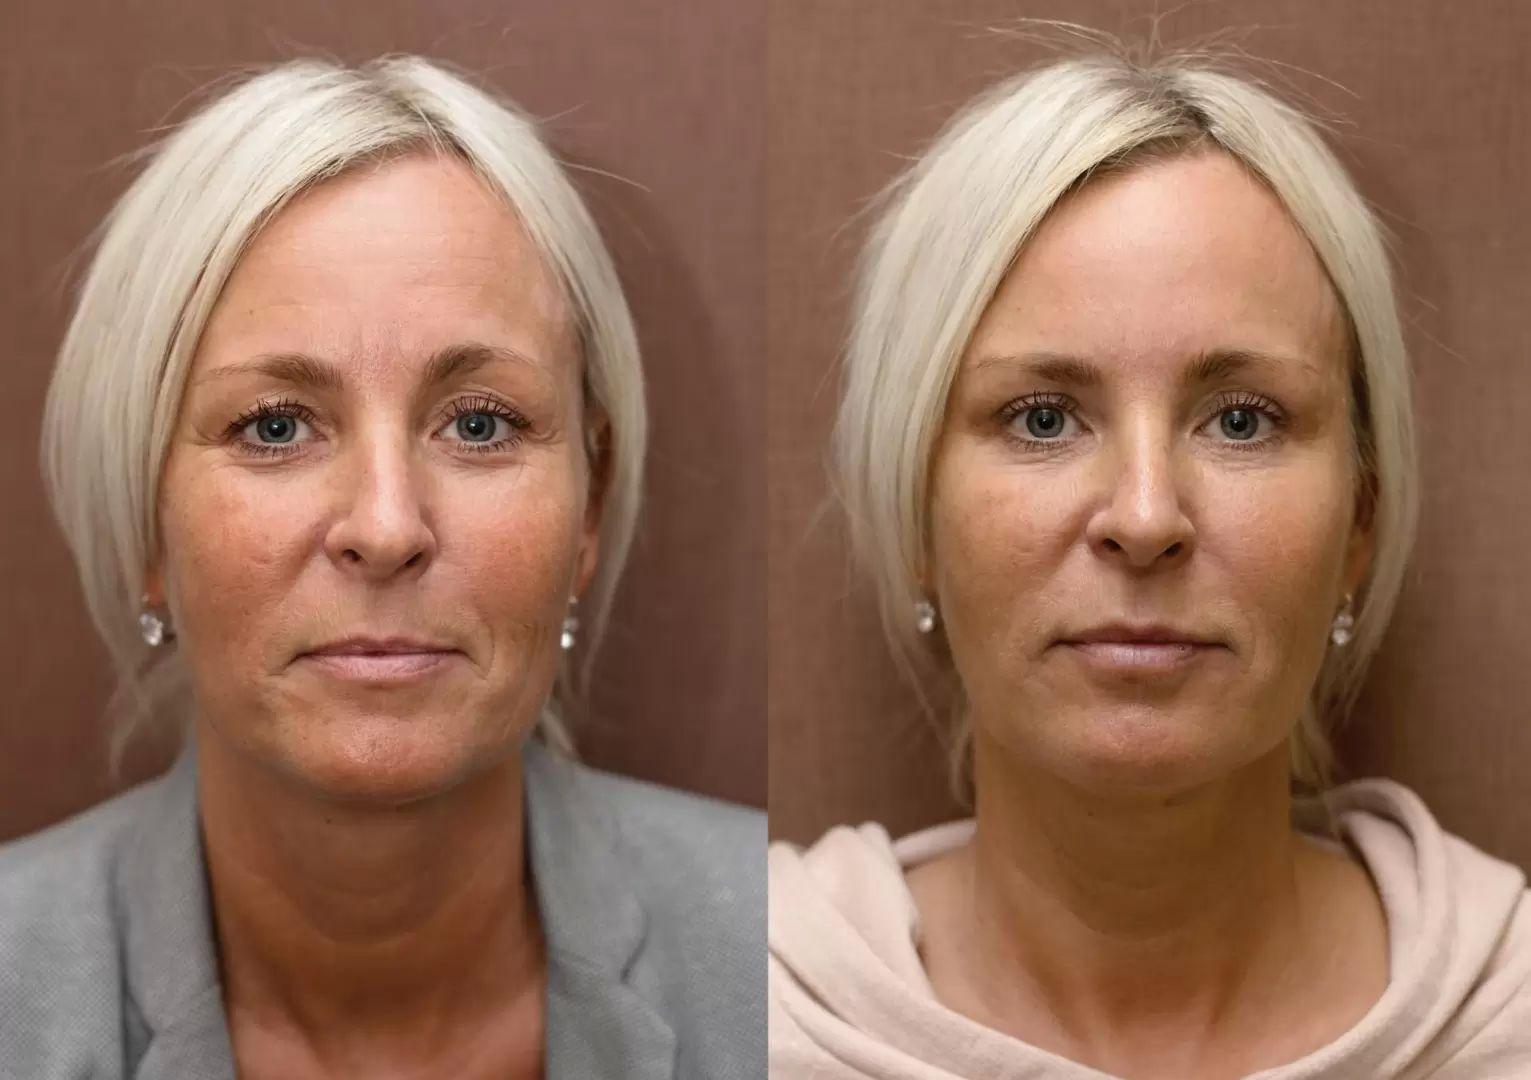 aplikace botulotoxinu, fotky před a po odstranění vrásek na čele